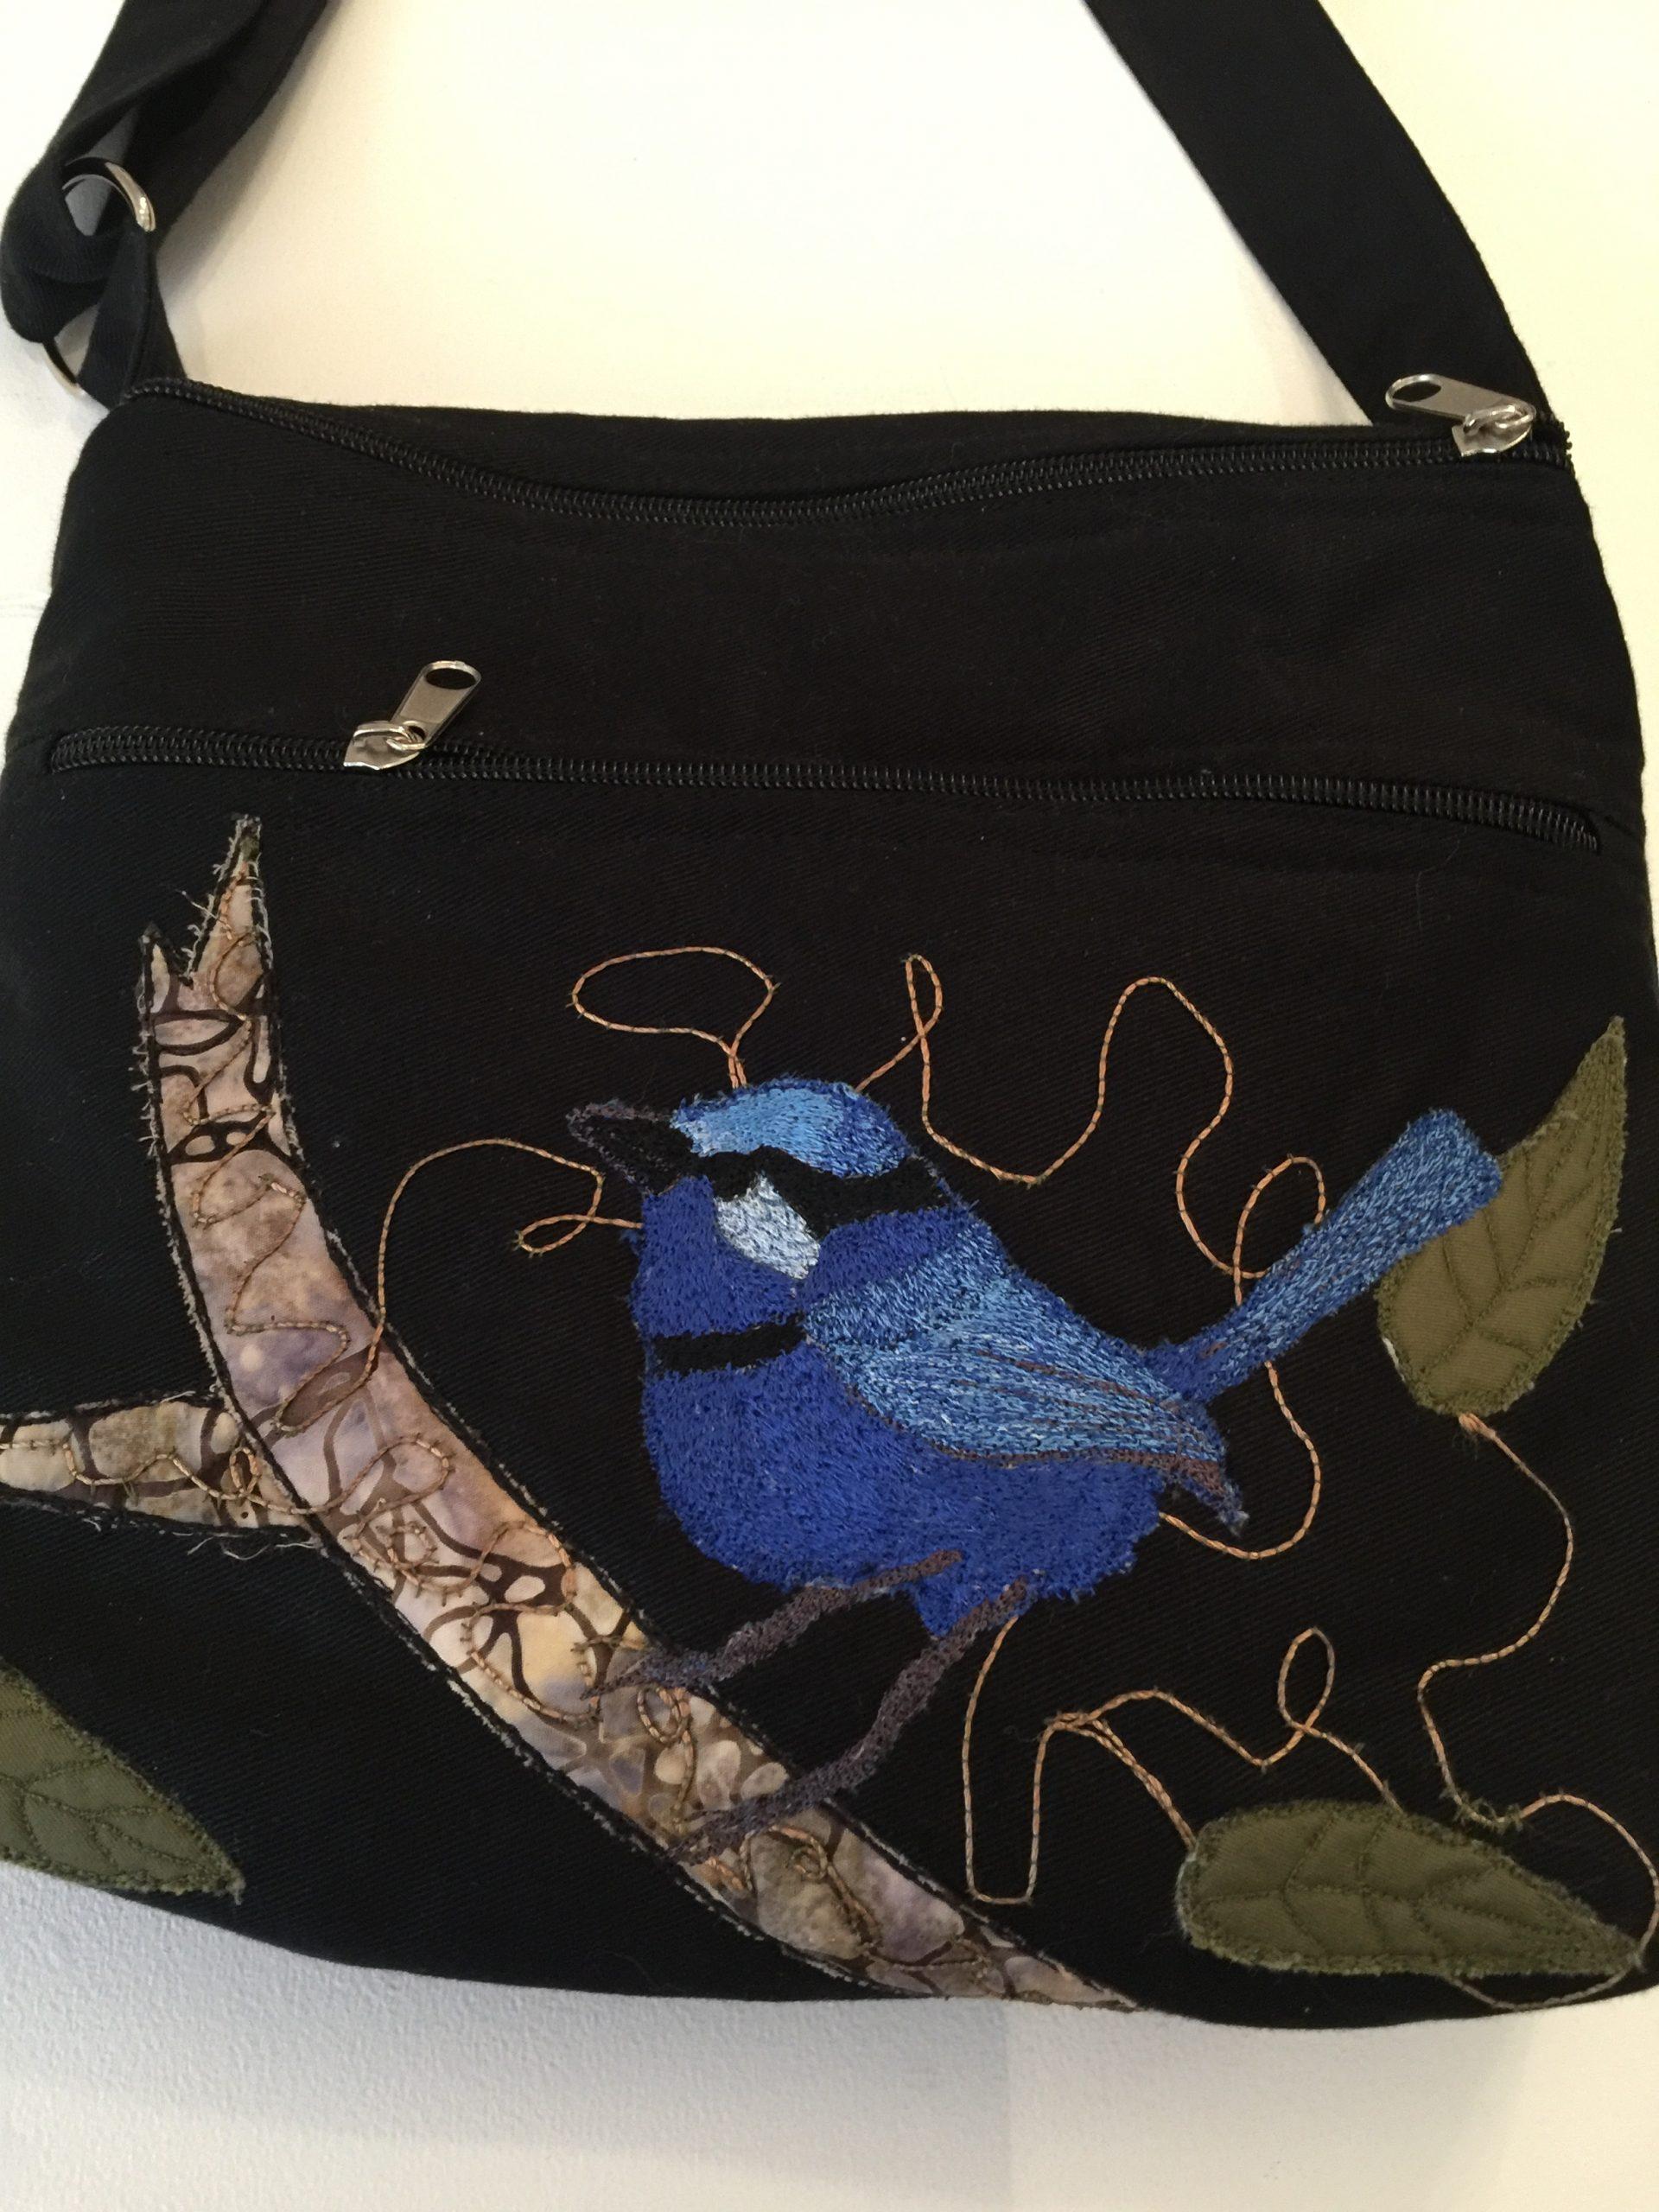 Clare's Designer Hand Bags